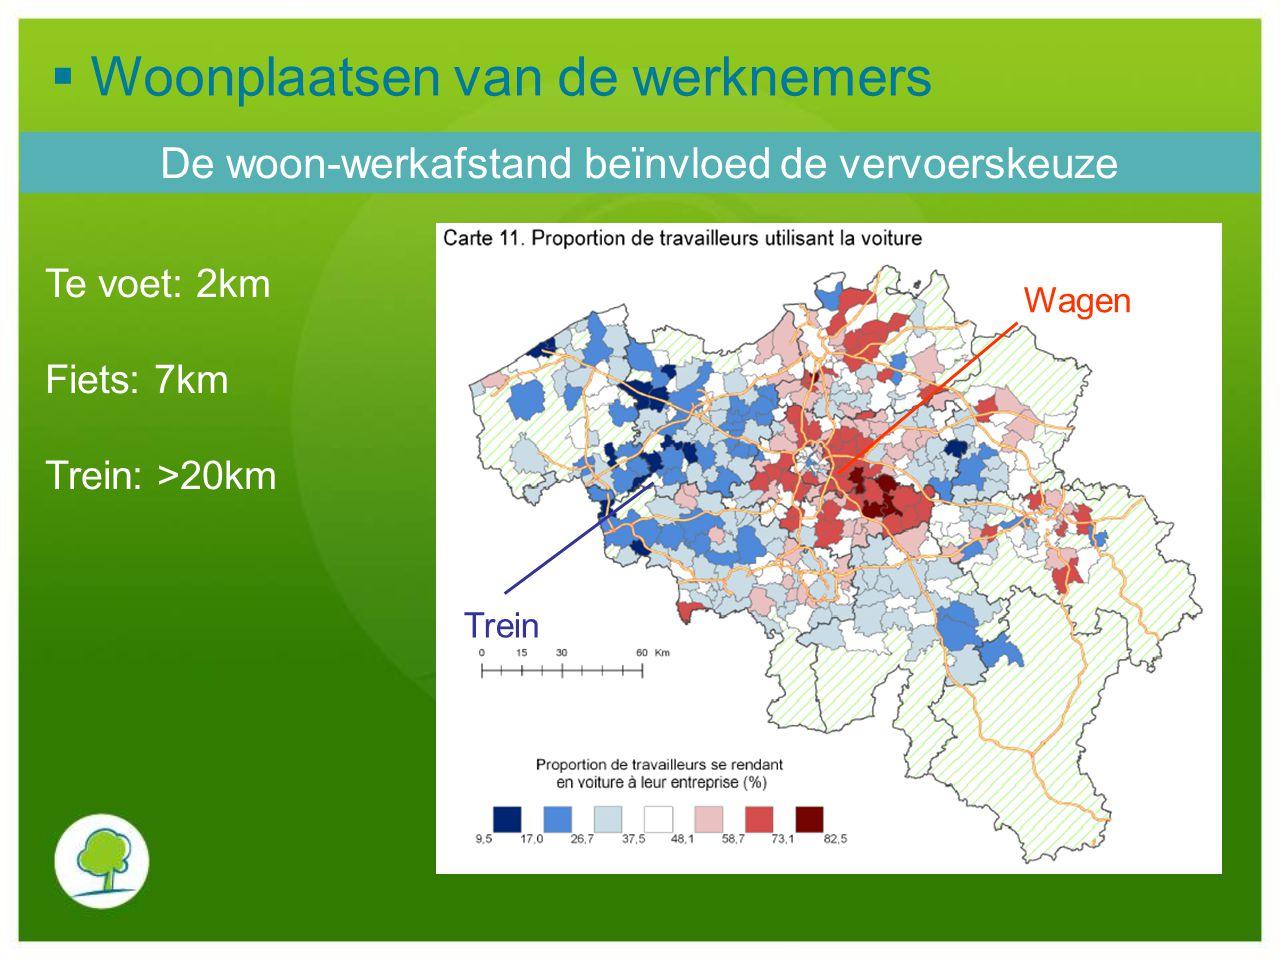 De woon-werkafstand beïnvloed de vervoerskeuze  Woonplaatsen van de werknemers Trein Wagen Te voet: 2km Fiets: 7km Trein: >20km